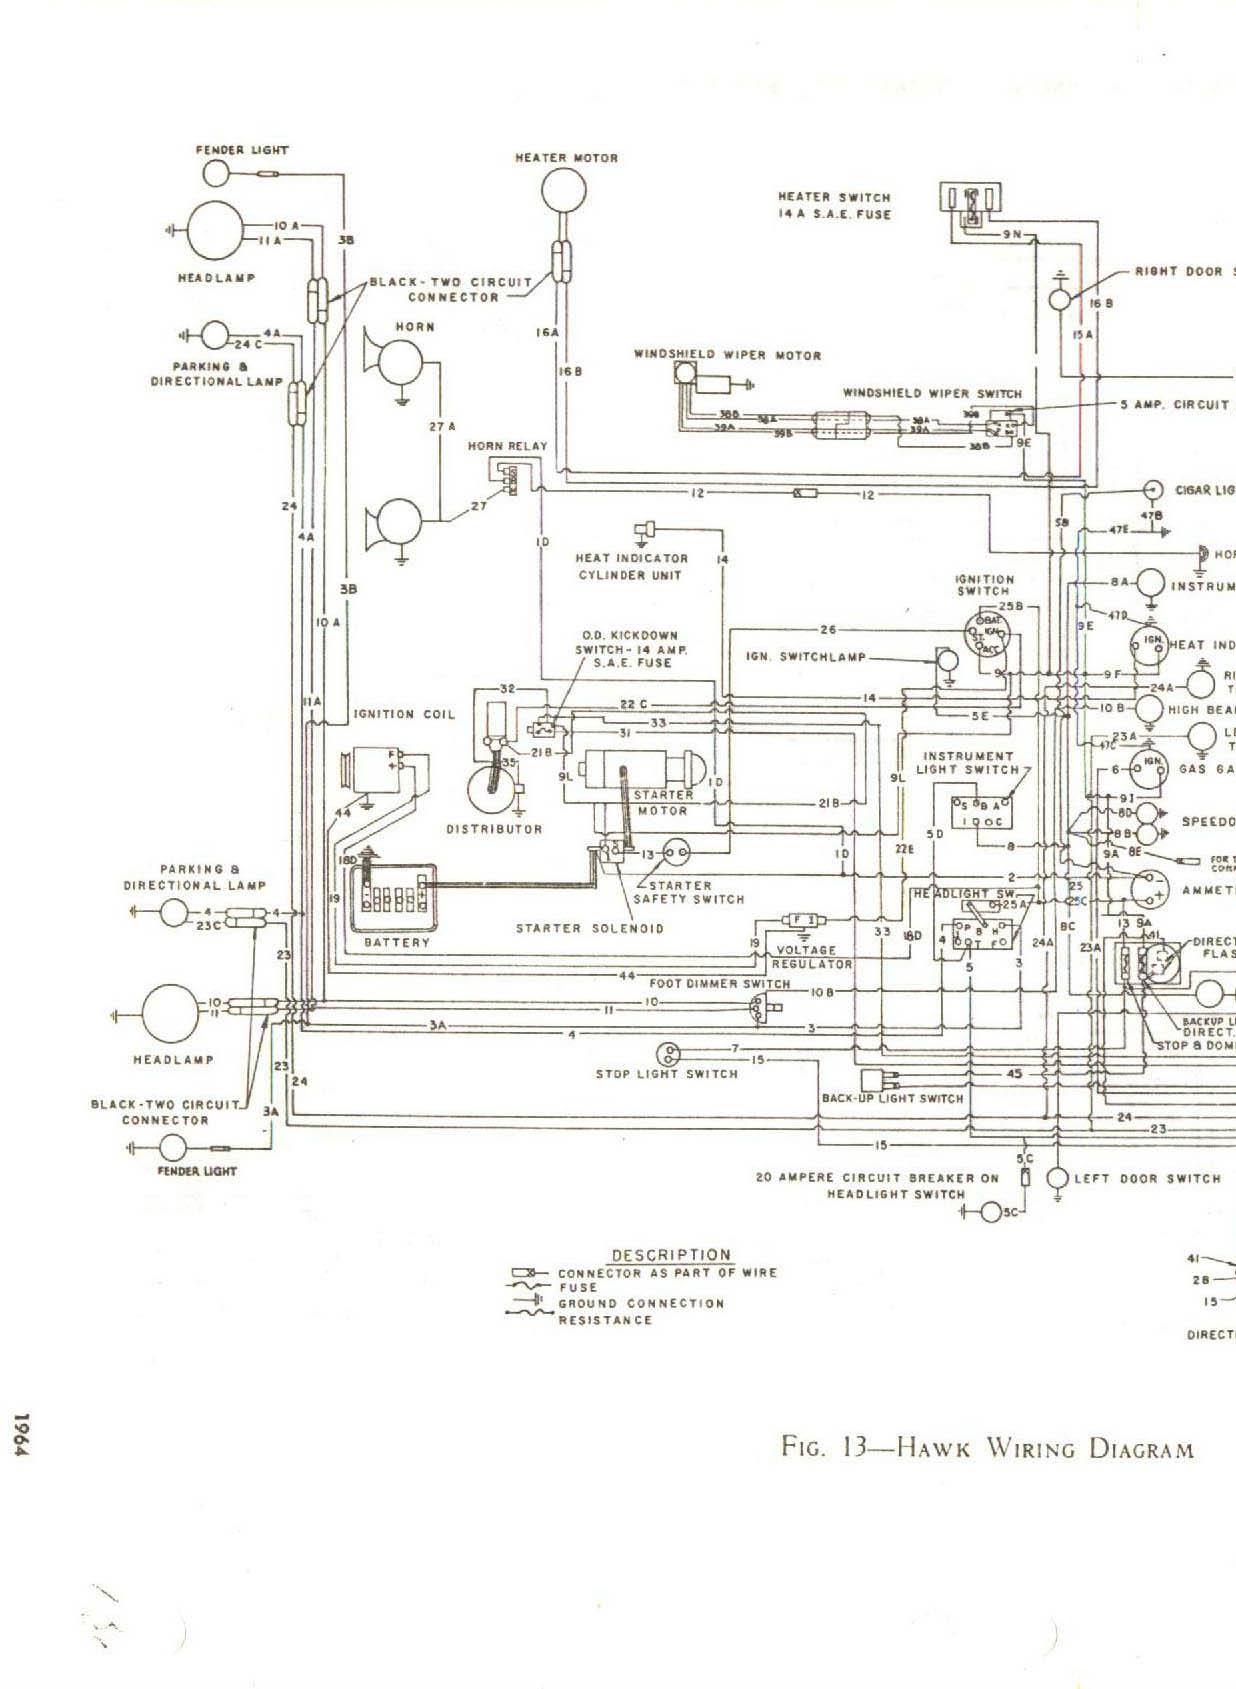 Yamaha Vino 50 Wiring Diagram, Yamaha, Free Engine Image